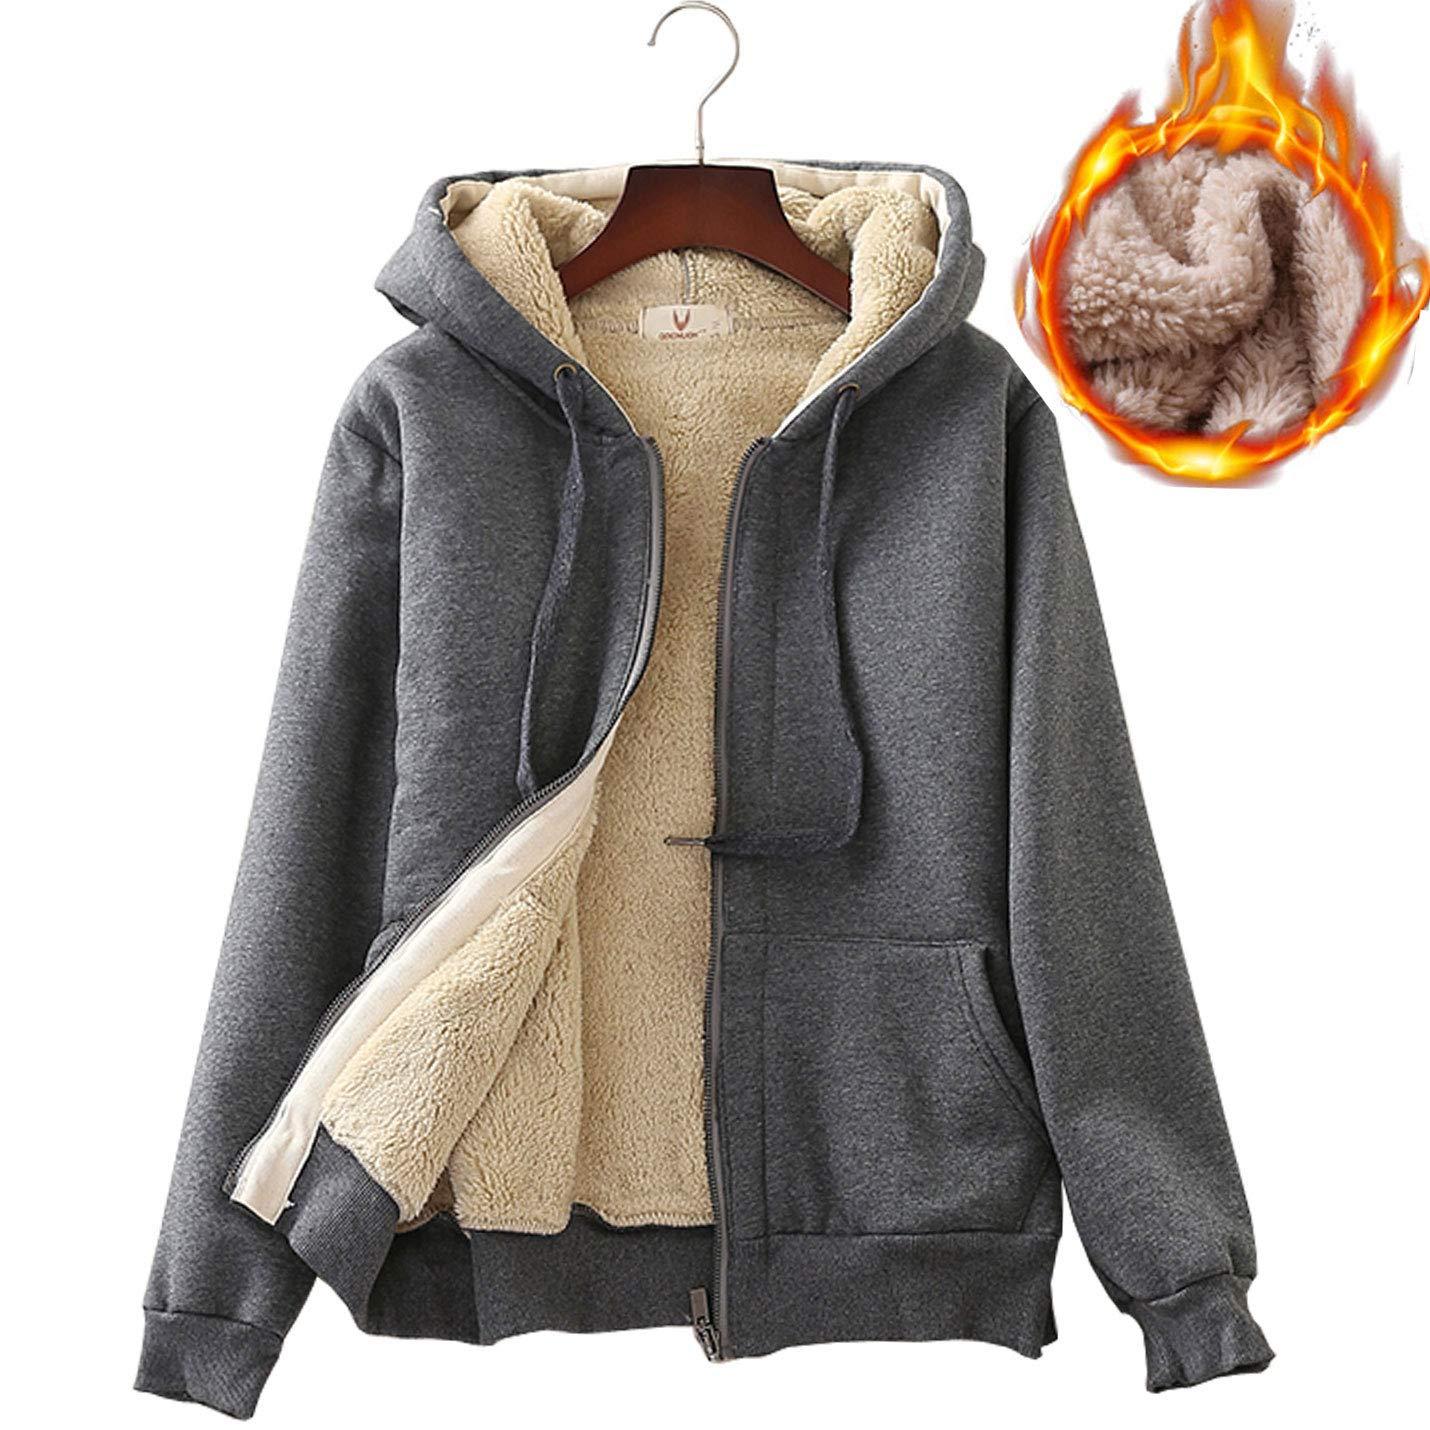 Grey Flygo Women's Casual Winter Warm Thick Sherpa Lined Zipper Hooded Sweatshirt Jacket